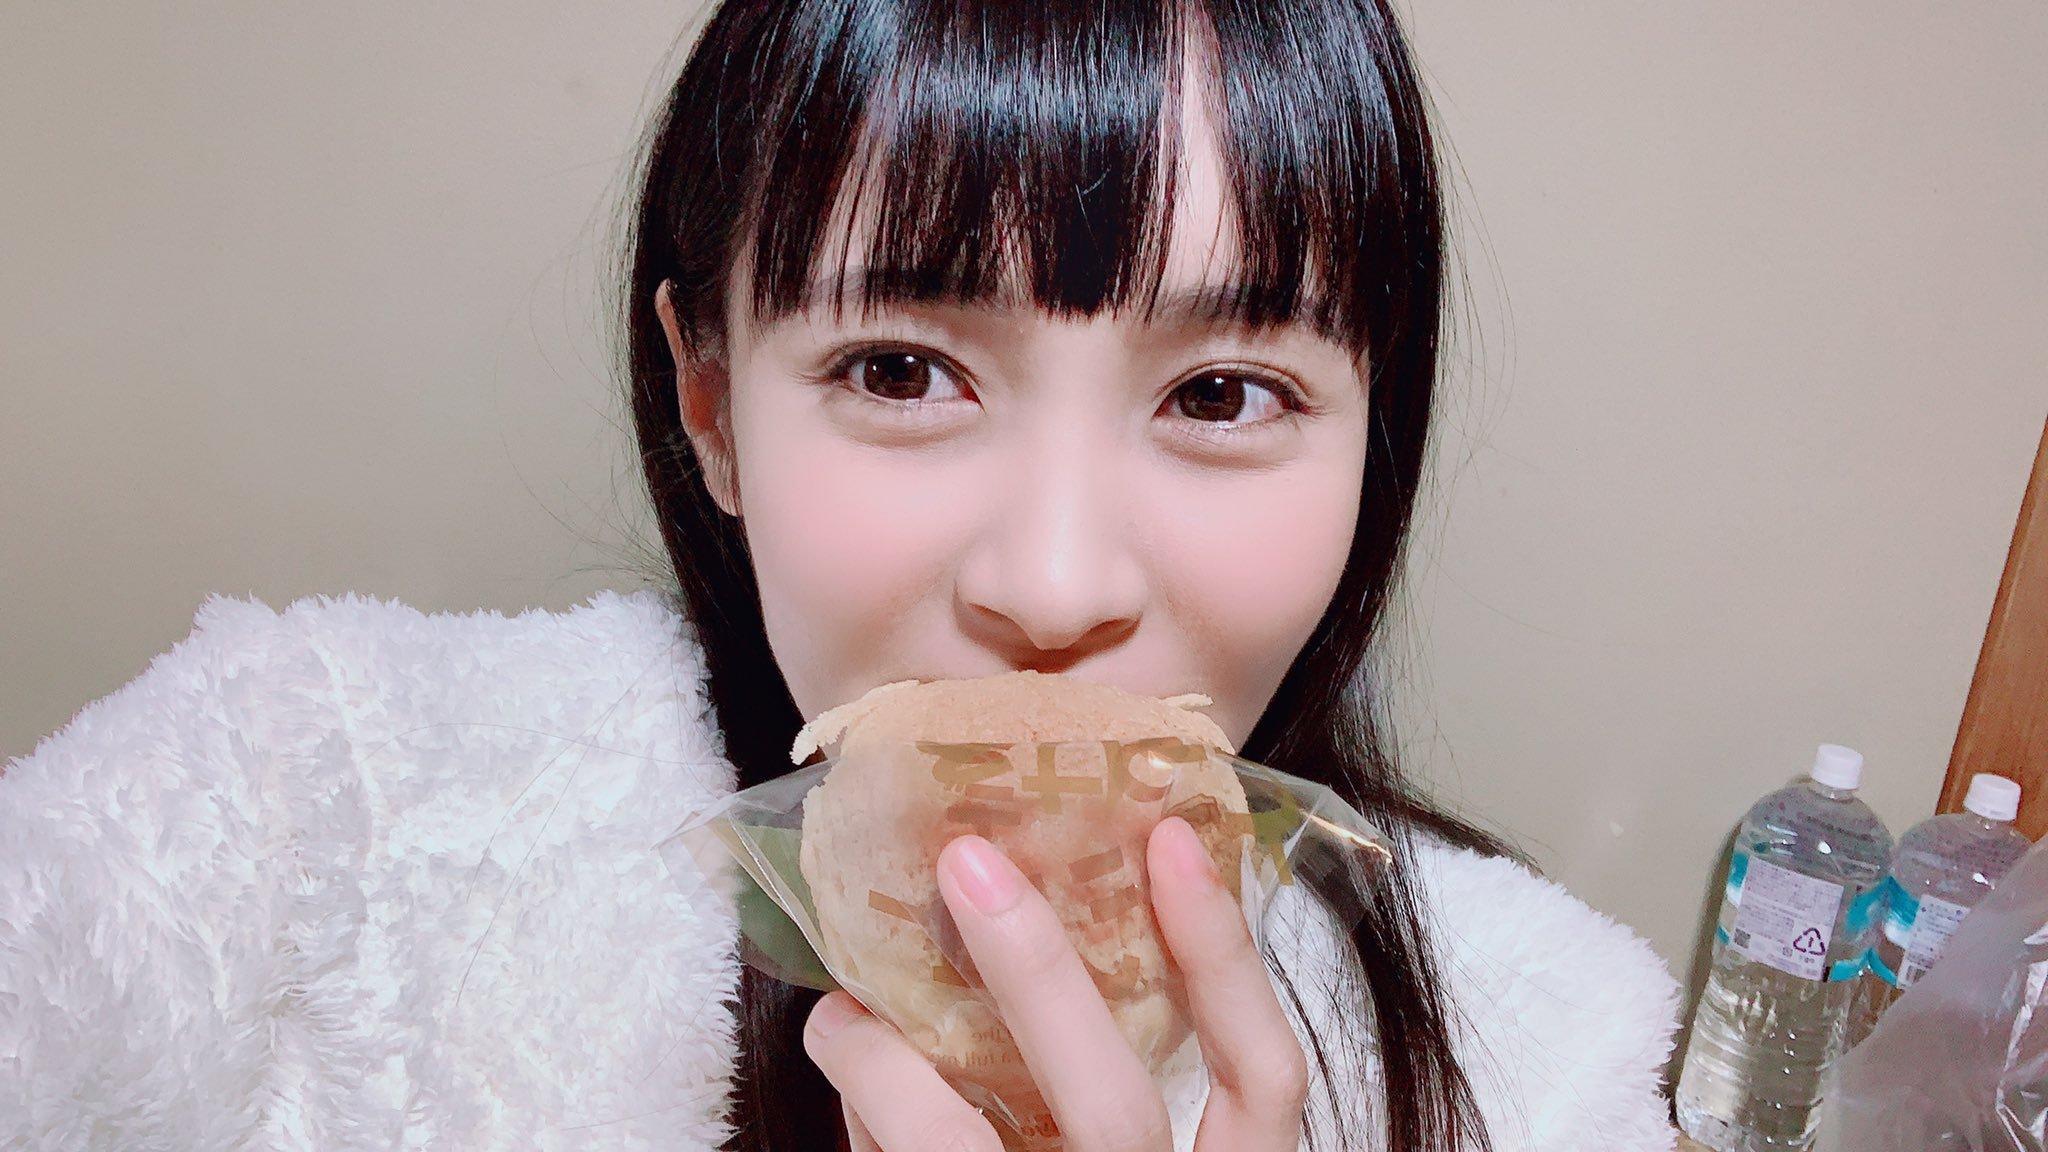 深田咏美再现魅魔 葵铃奈瘦小水着插图(5)